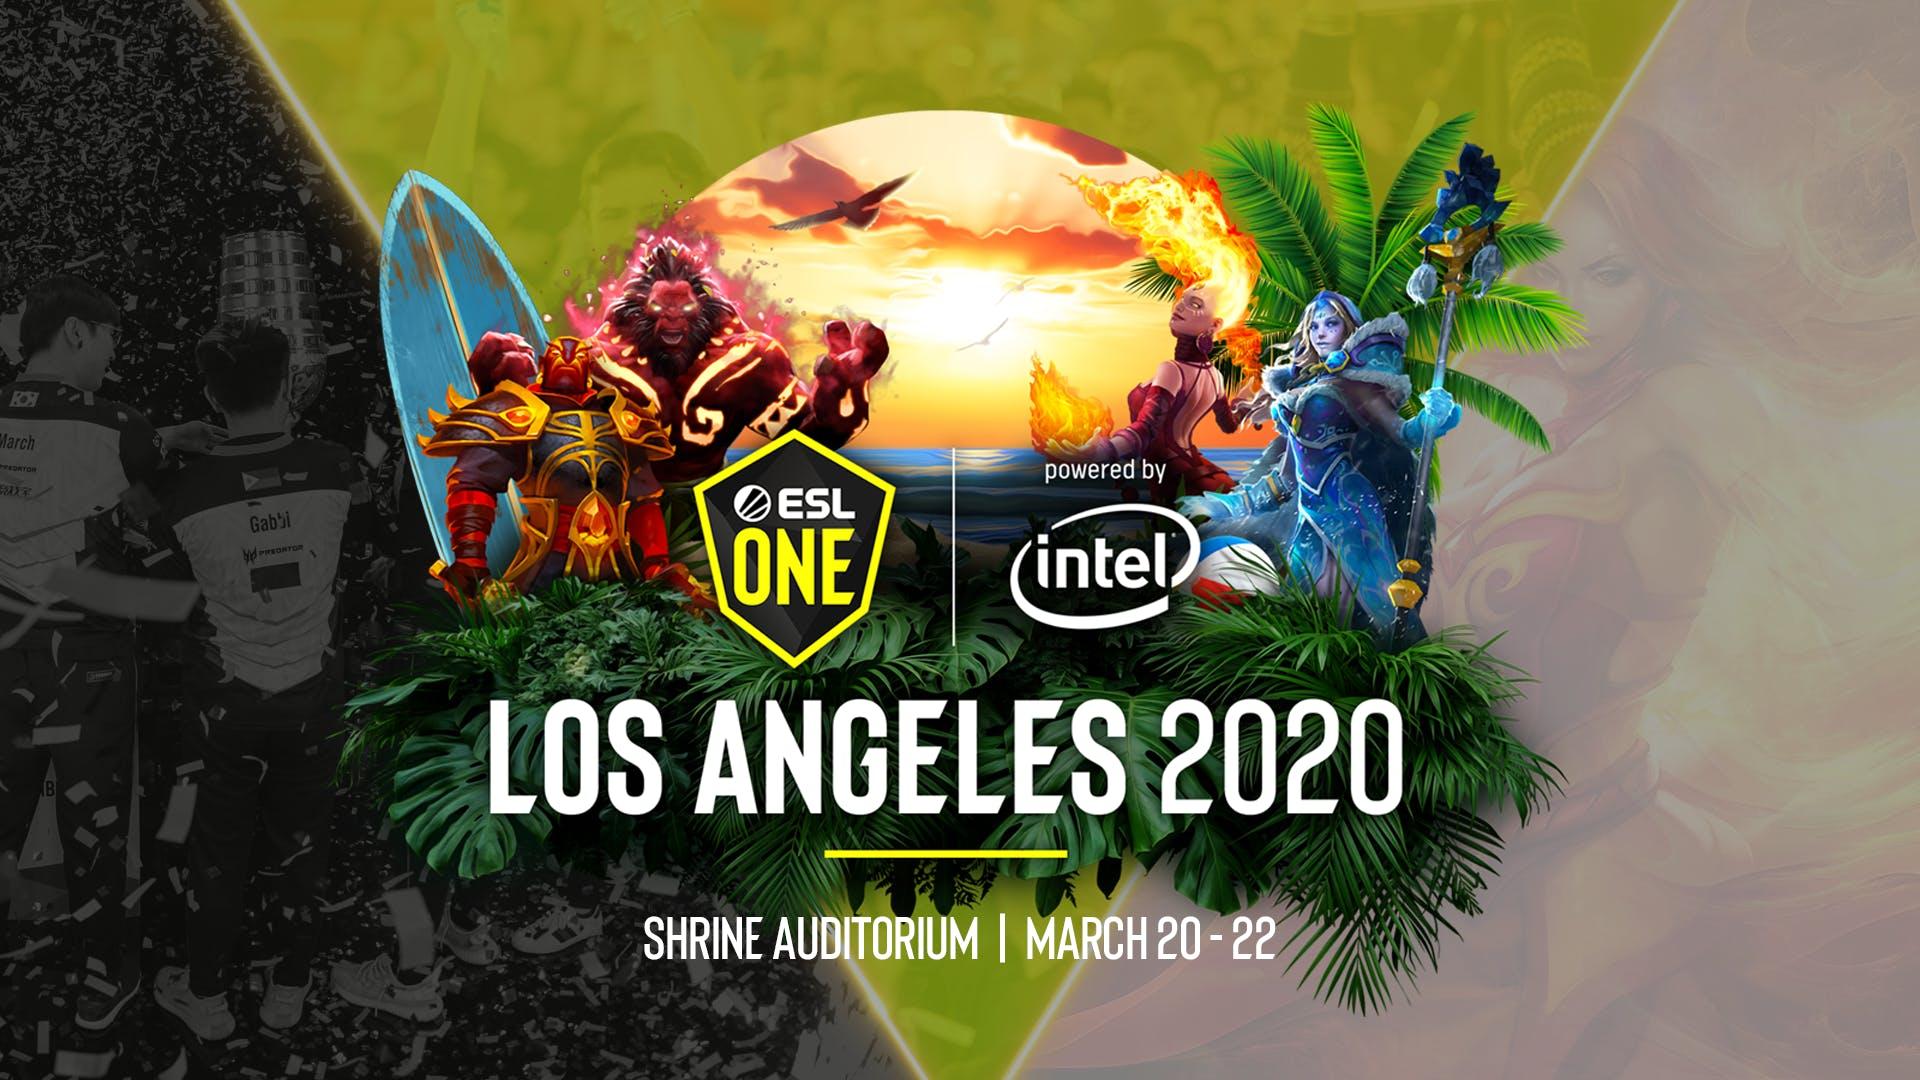 esl LA - Nhà vô địch TI9 xác nhận sự trở lại của mình vào năm 2020